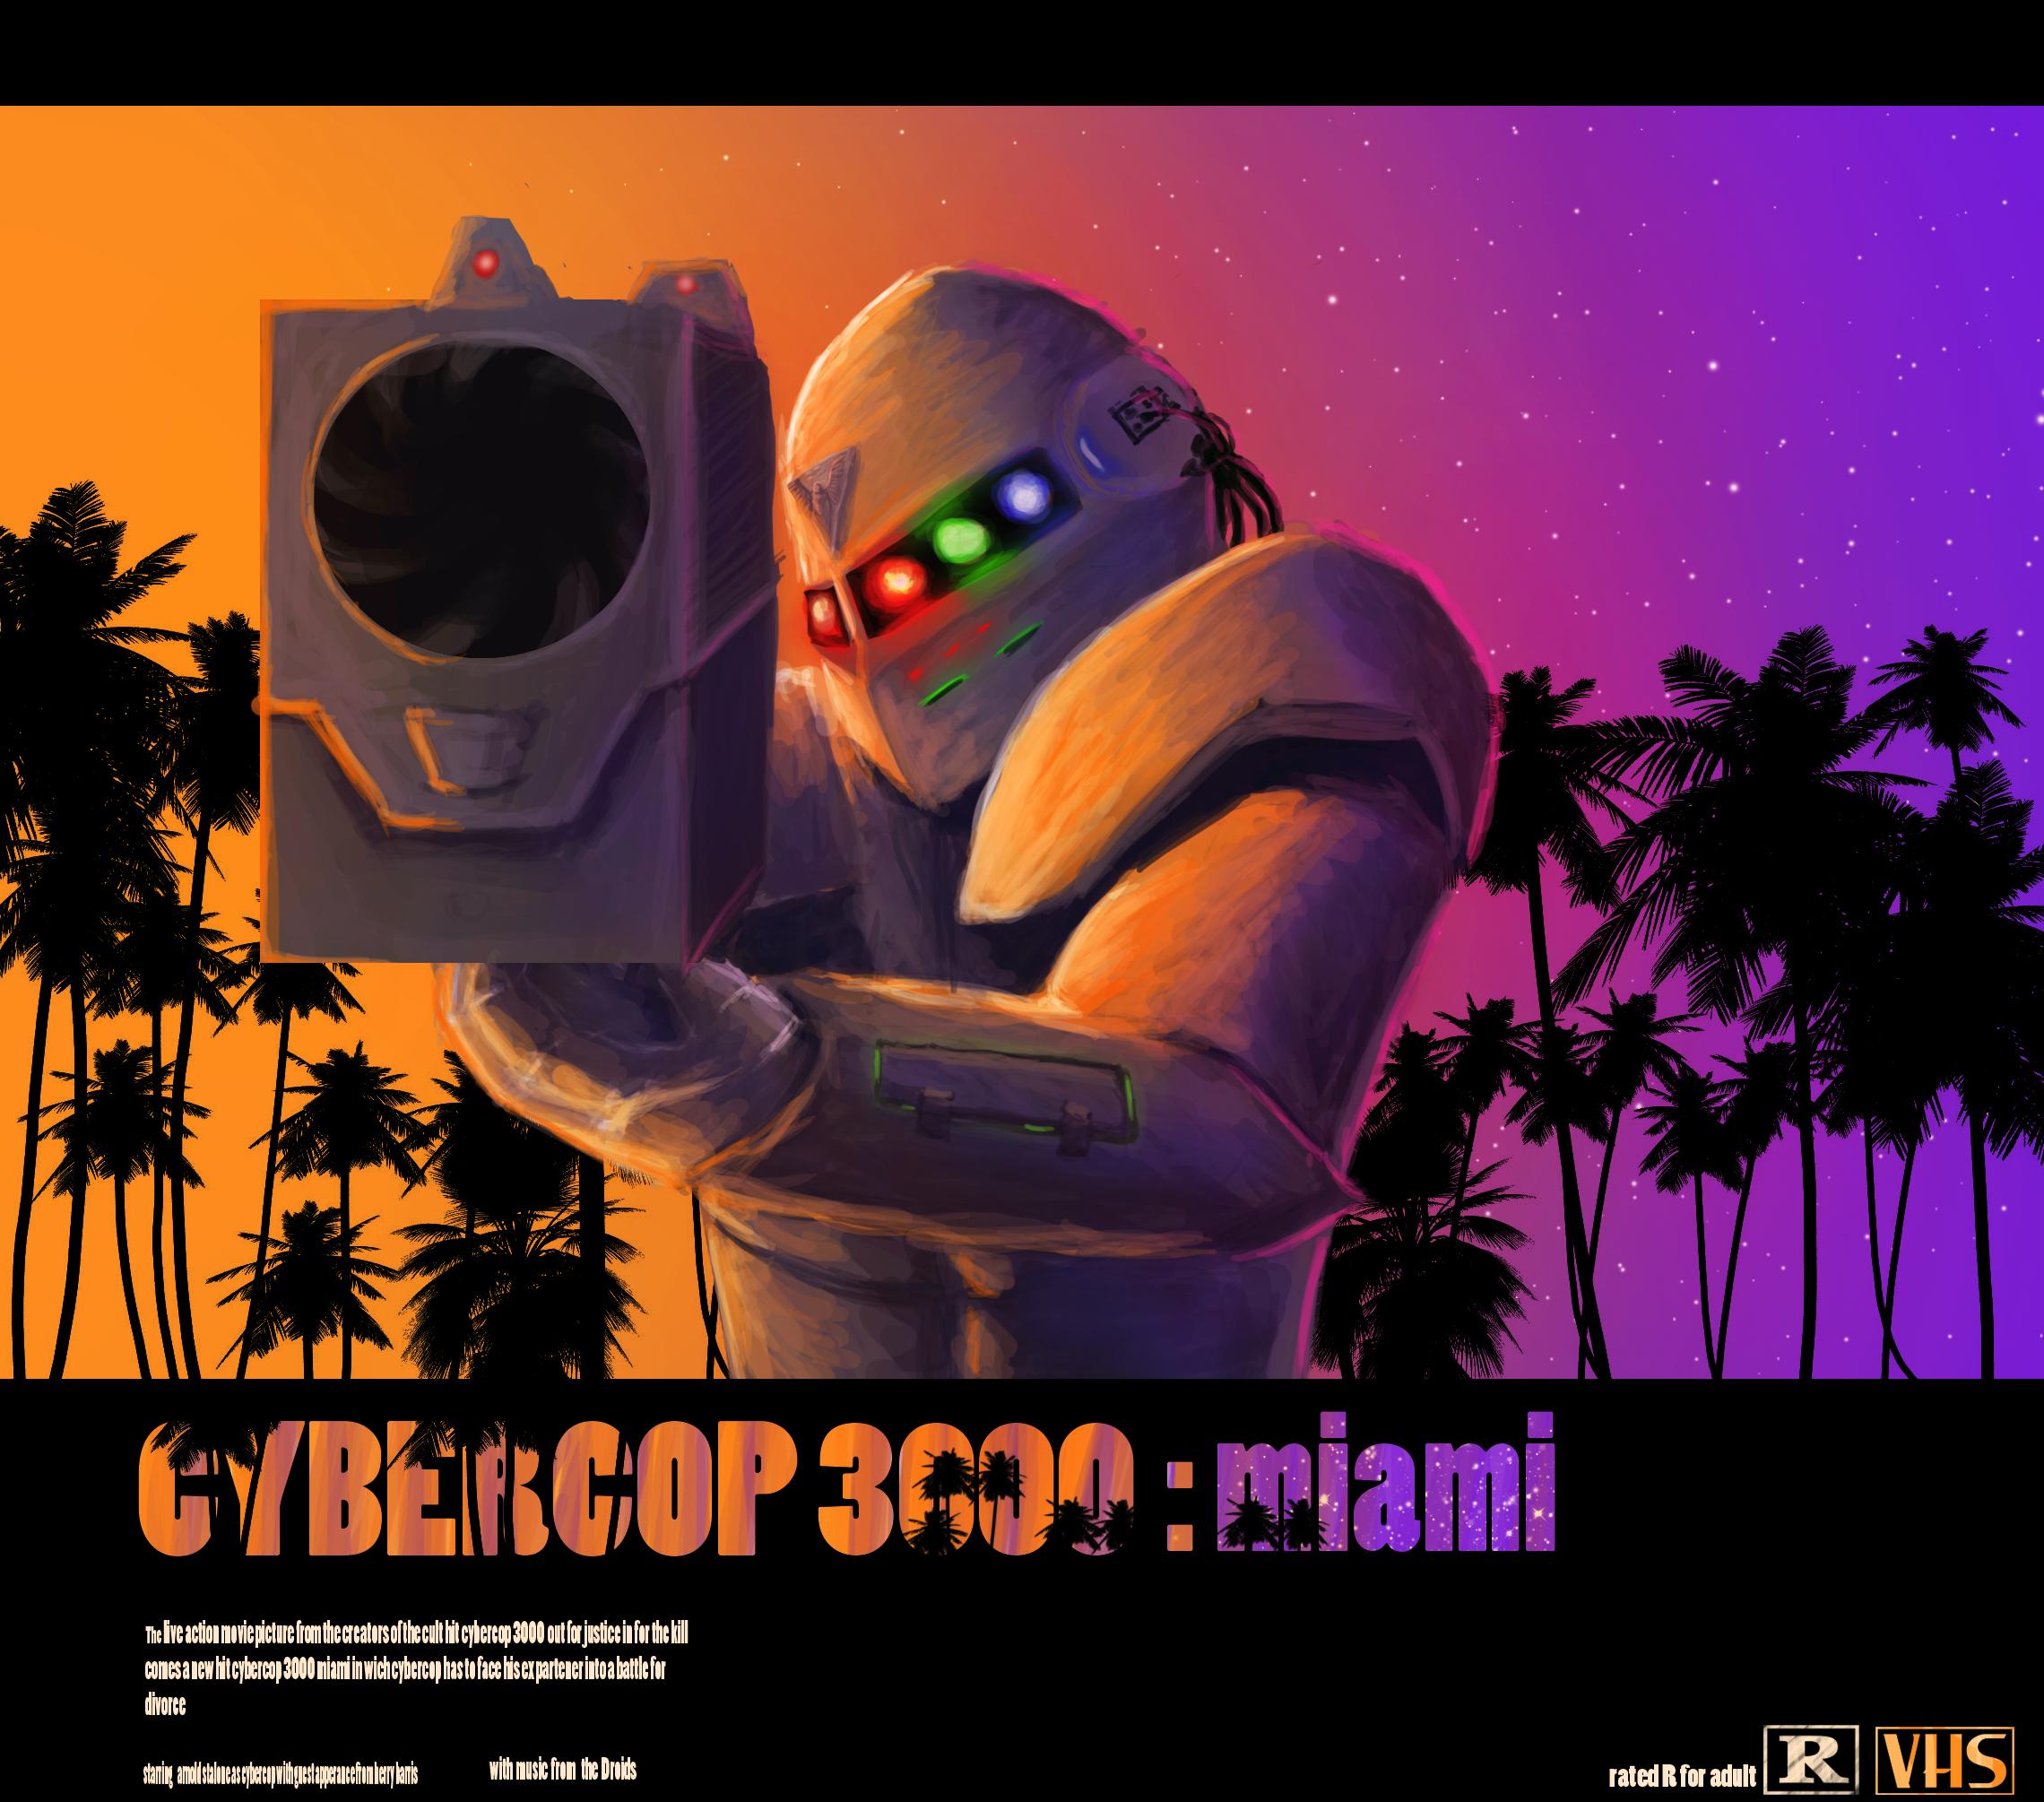 Cybercop 3000 : miami